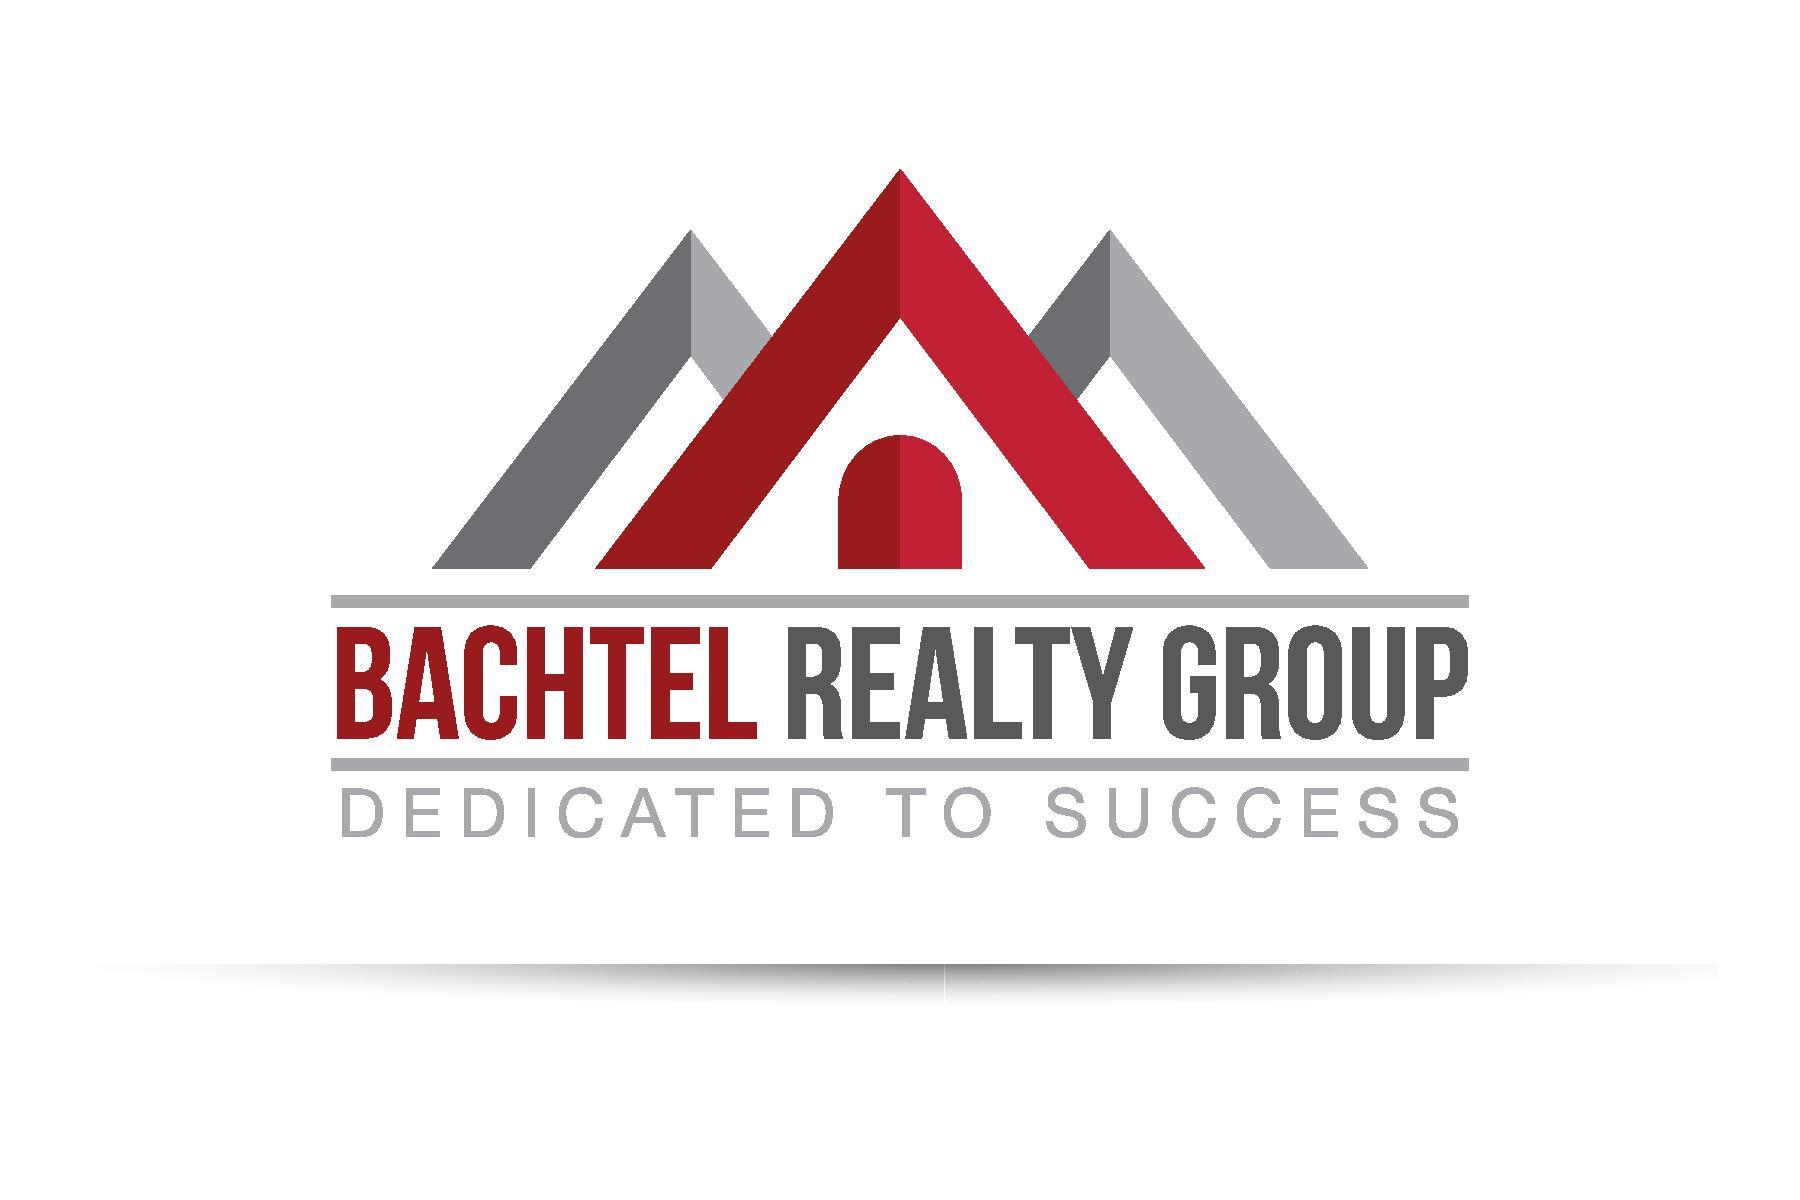 The Bachtel Group